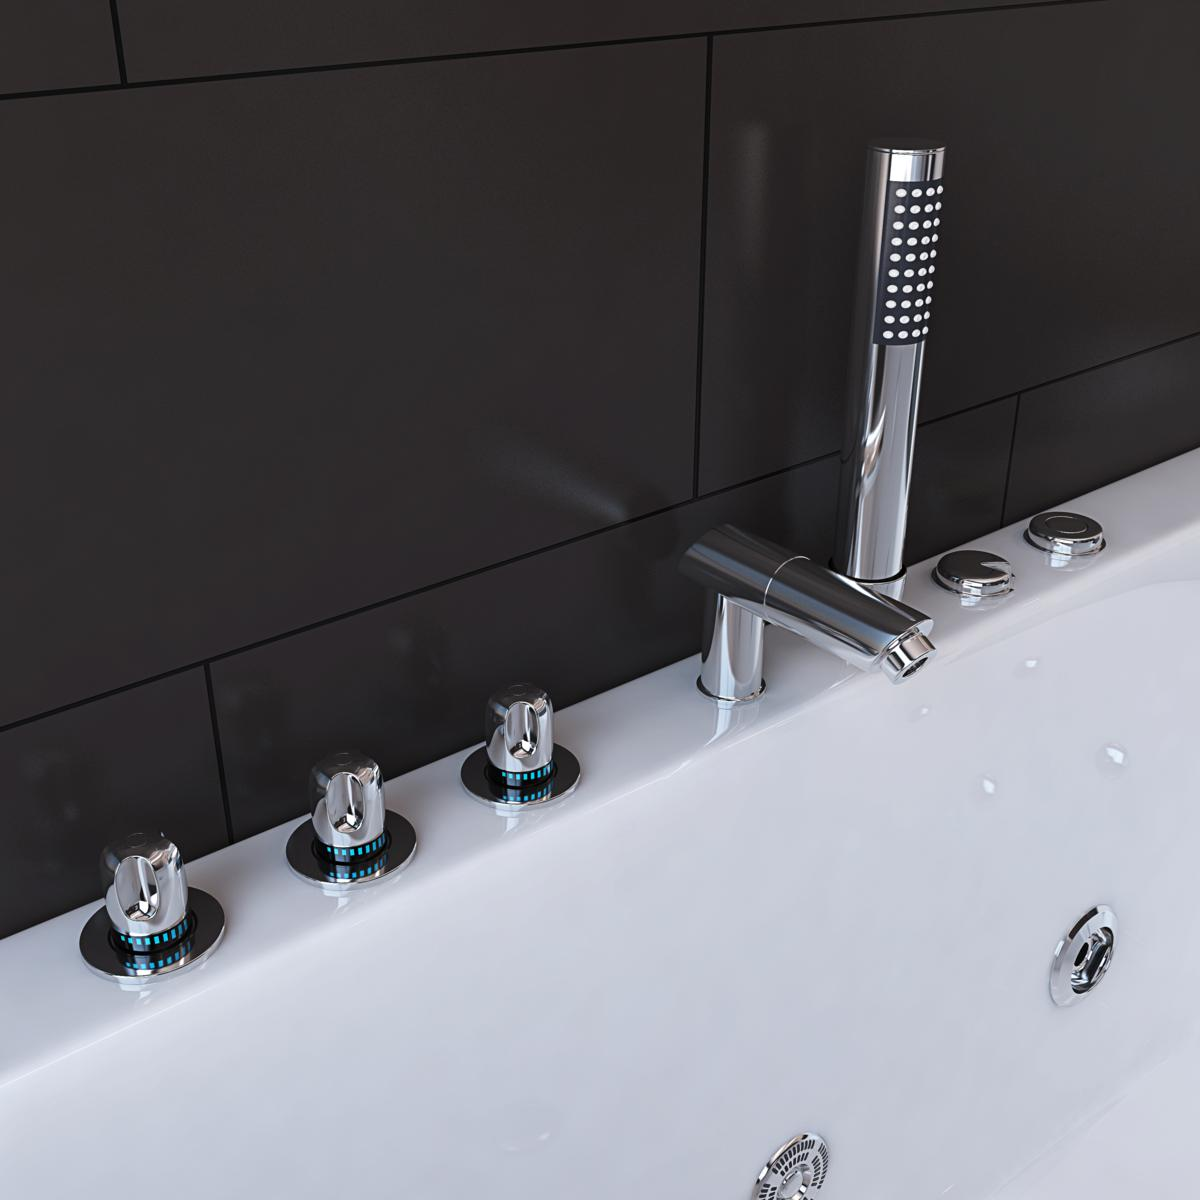 whirlpool badewanne 170x80 cm mit 12 massage d sen mit armaturen f r badezimmer g nstig supply24. Black Bedroom Furniture Sets. Home Design Ideas